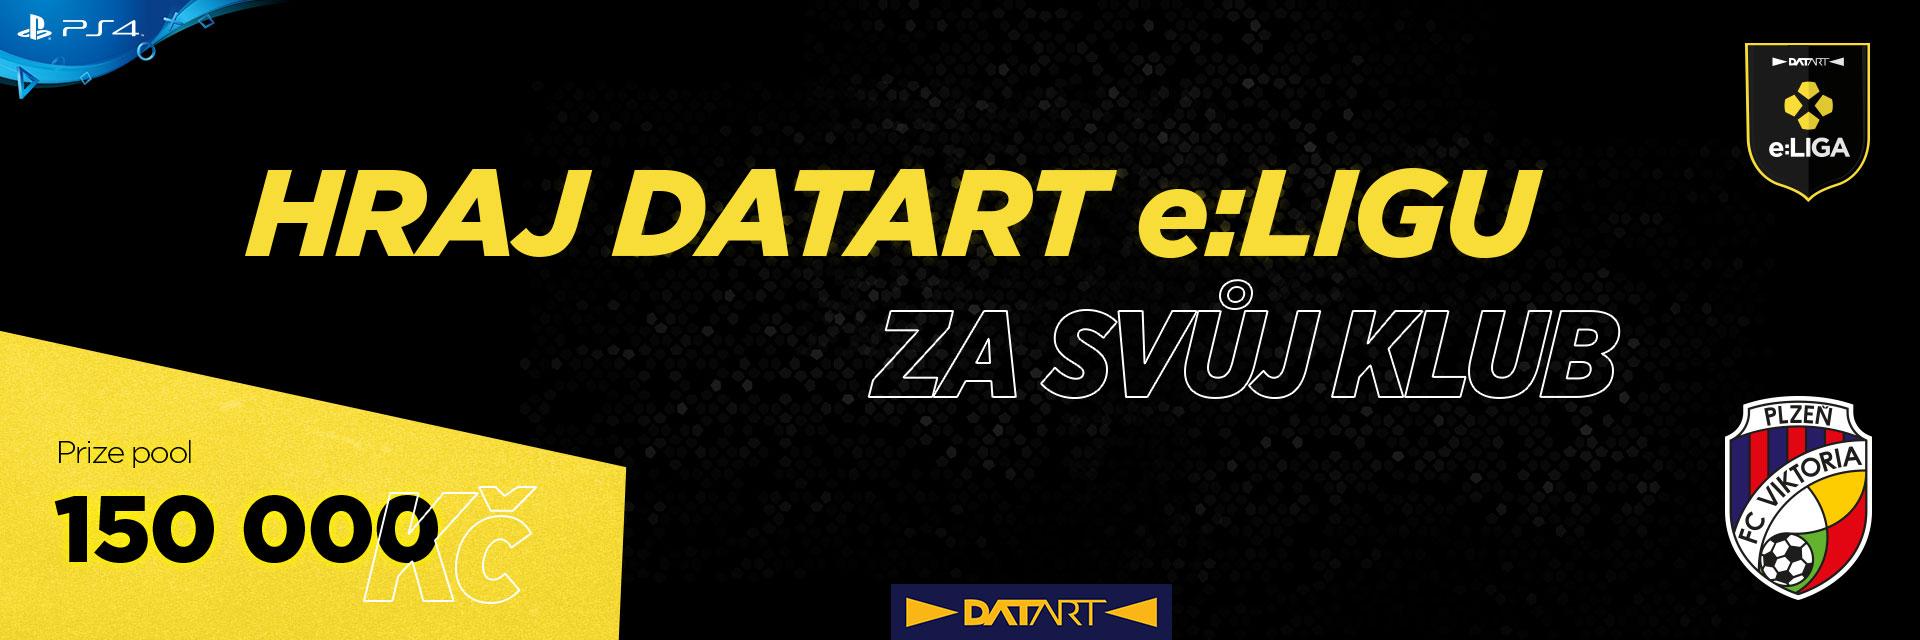 datart-e-liga-semifinale-fc-viktoria-plzen